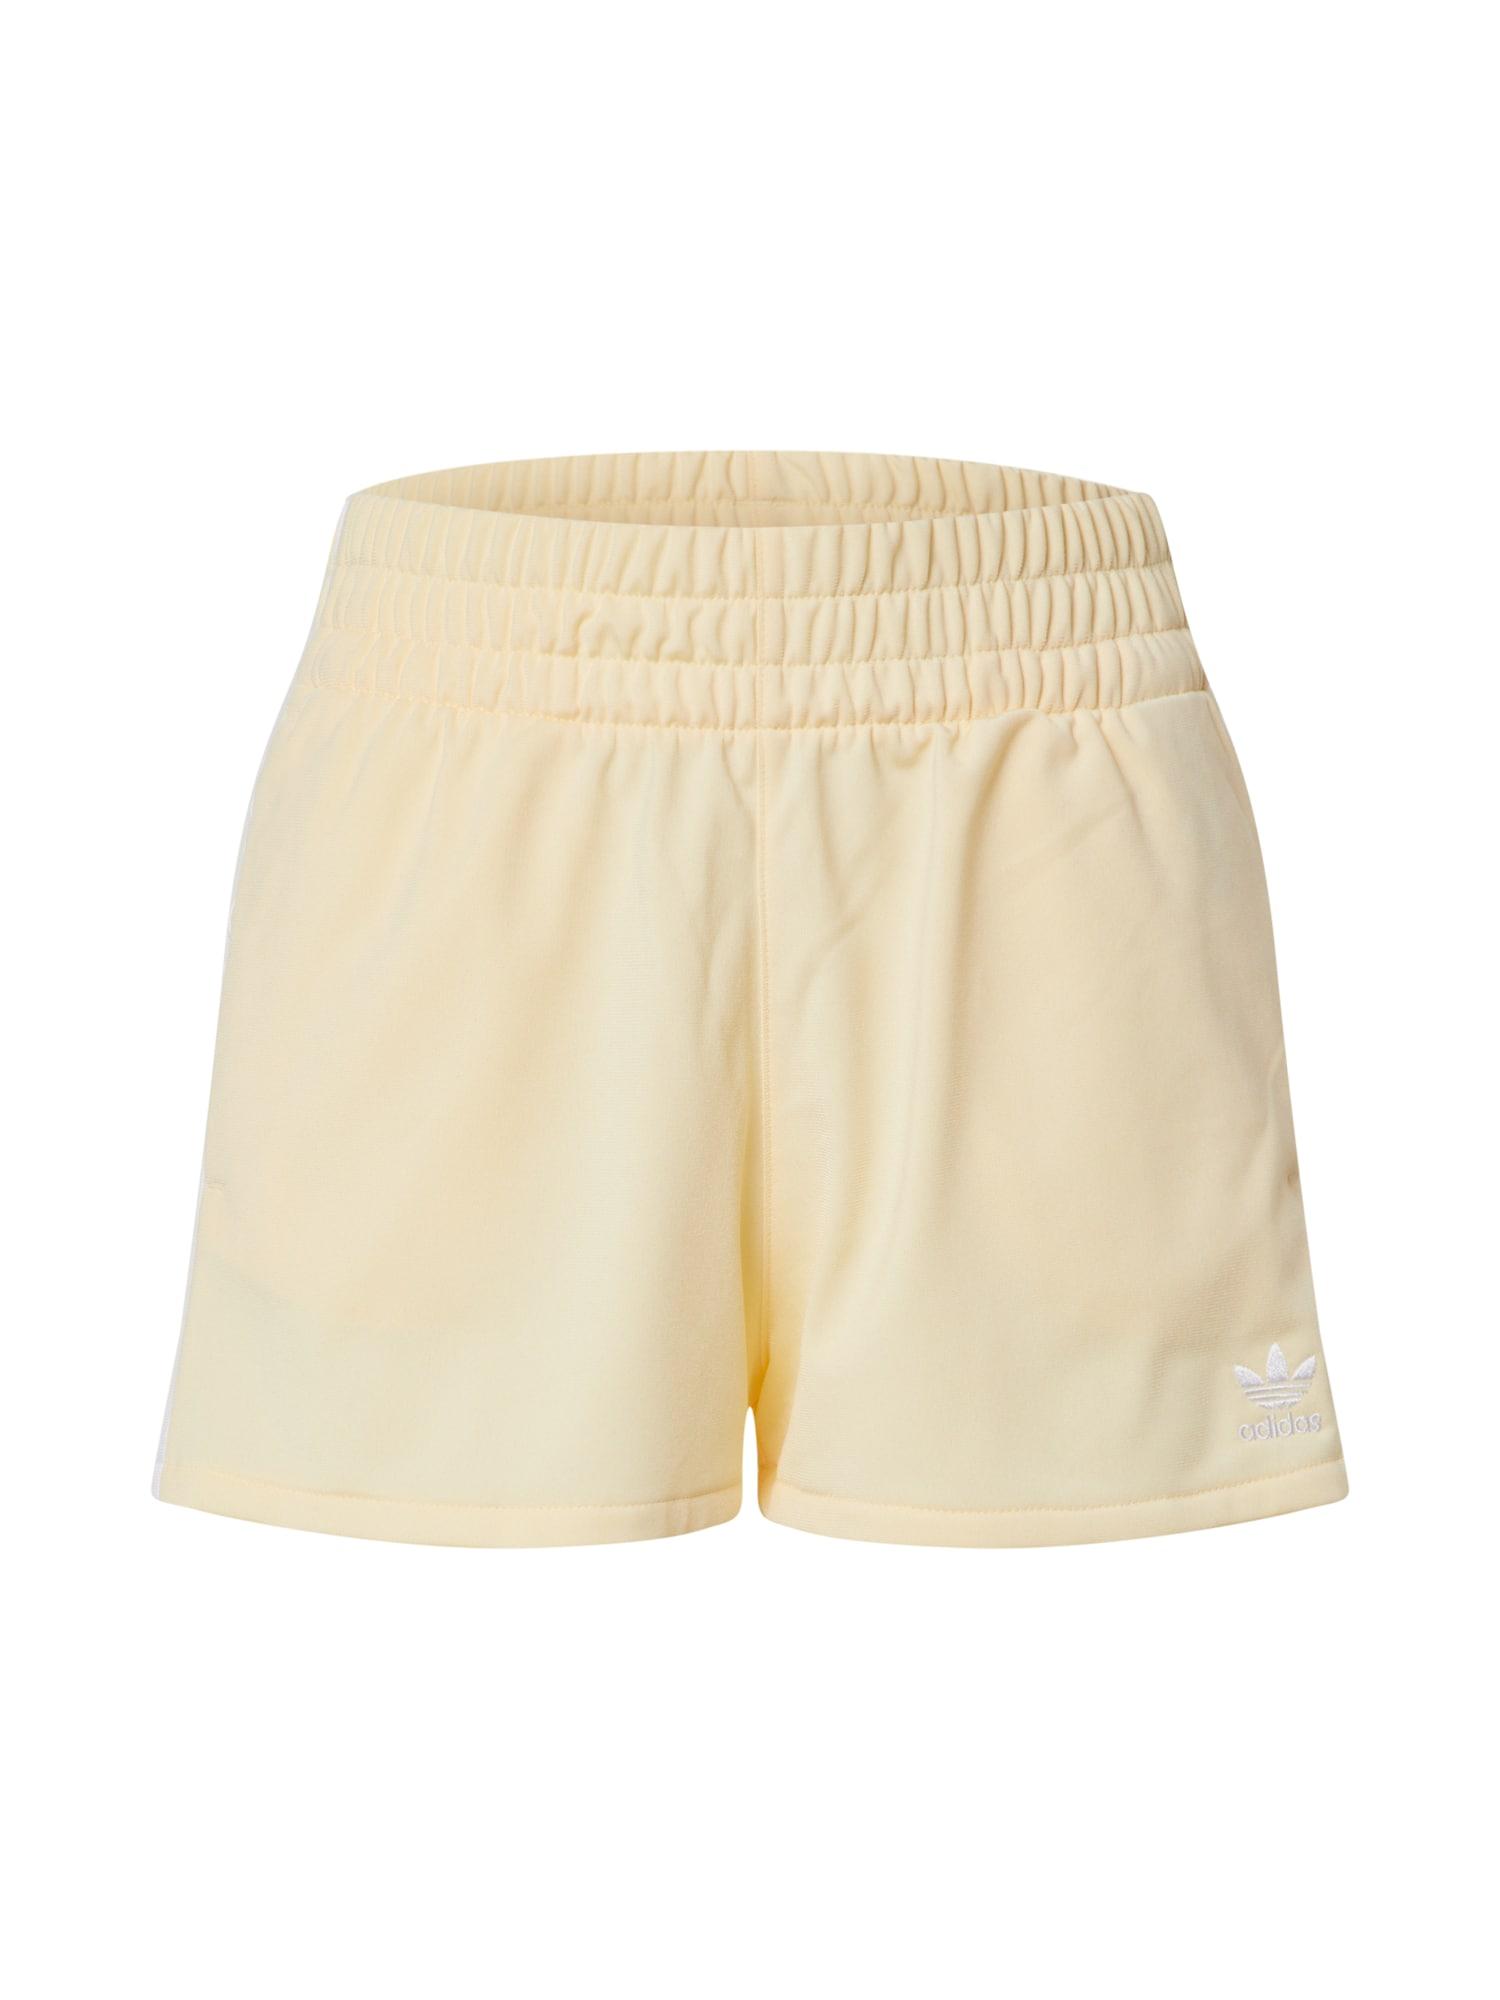 ADIDAS ORIGINALS Kelnės pastelinė geltona